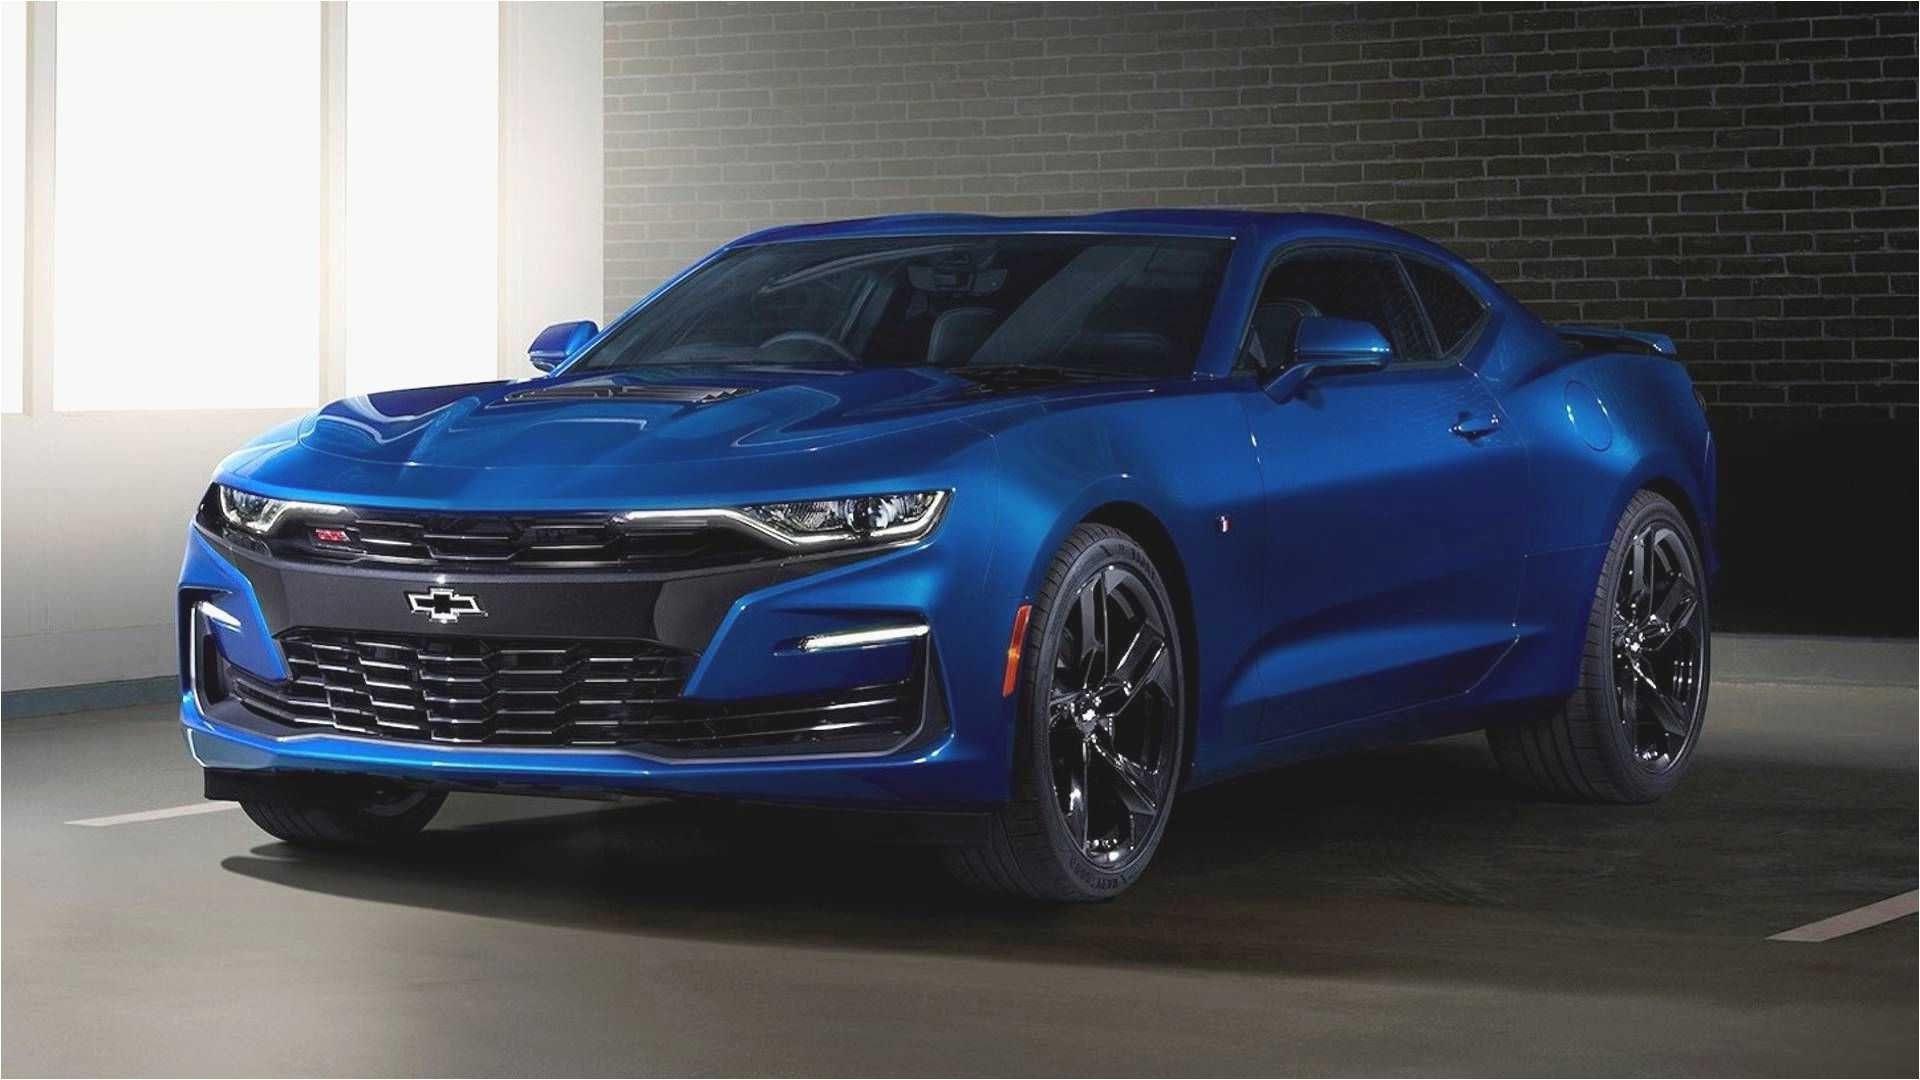 2020 Pontiac Trans Am